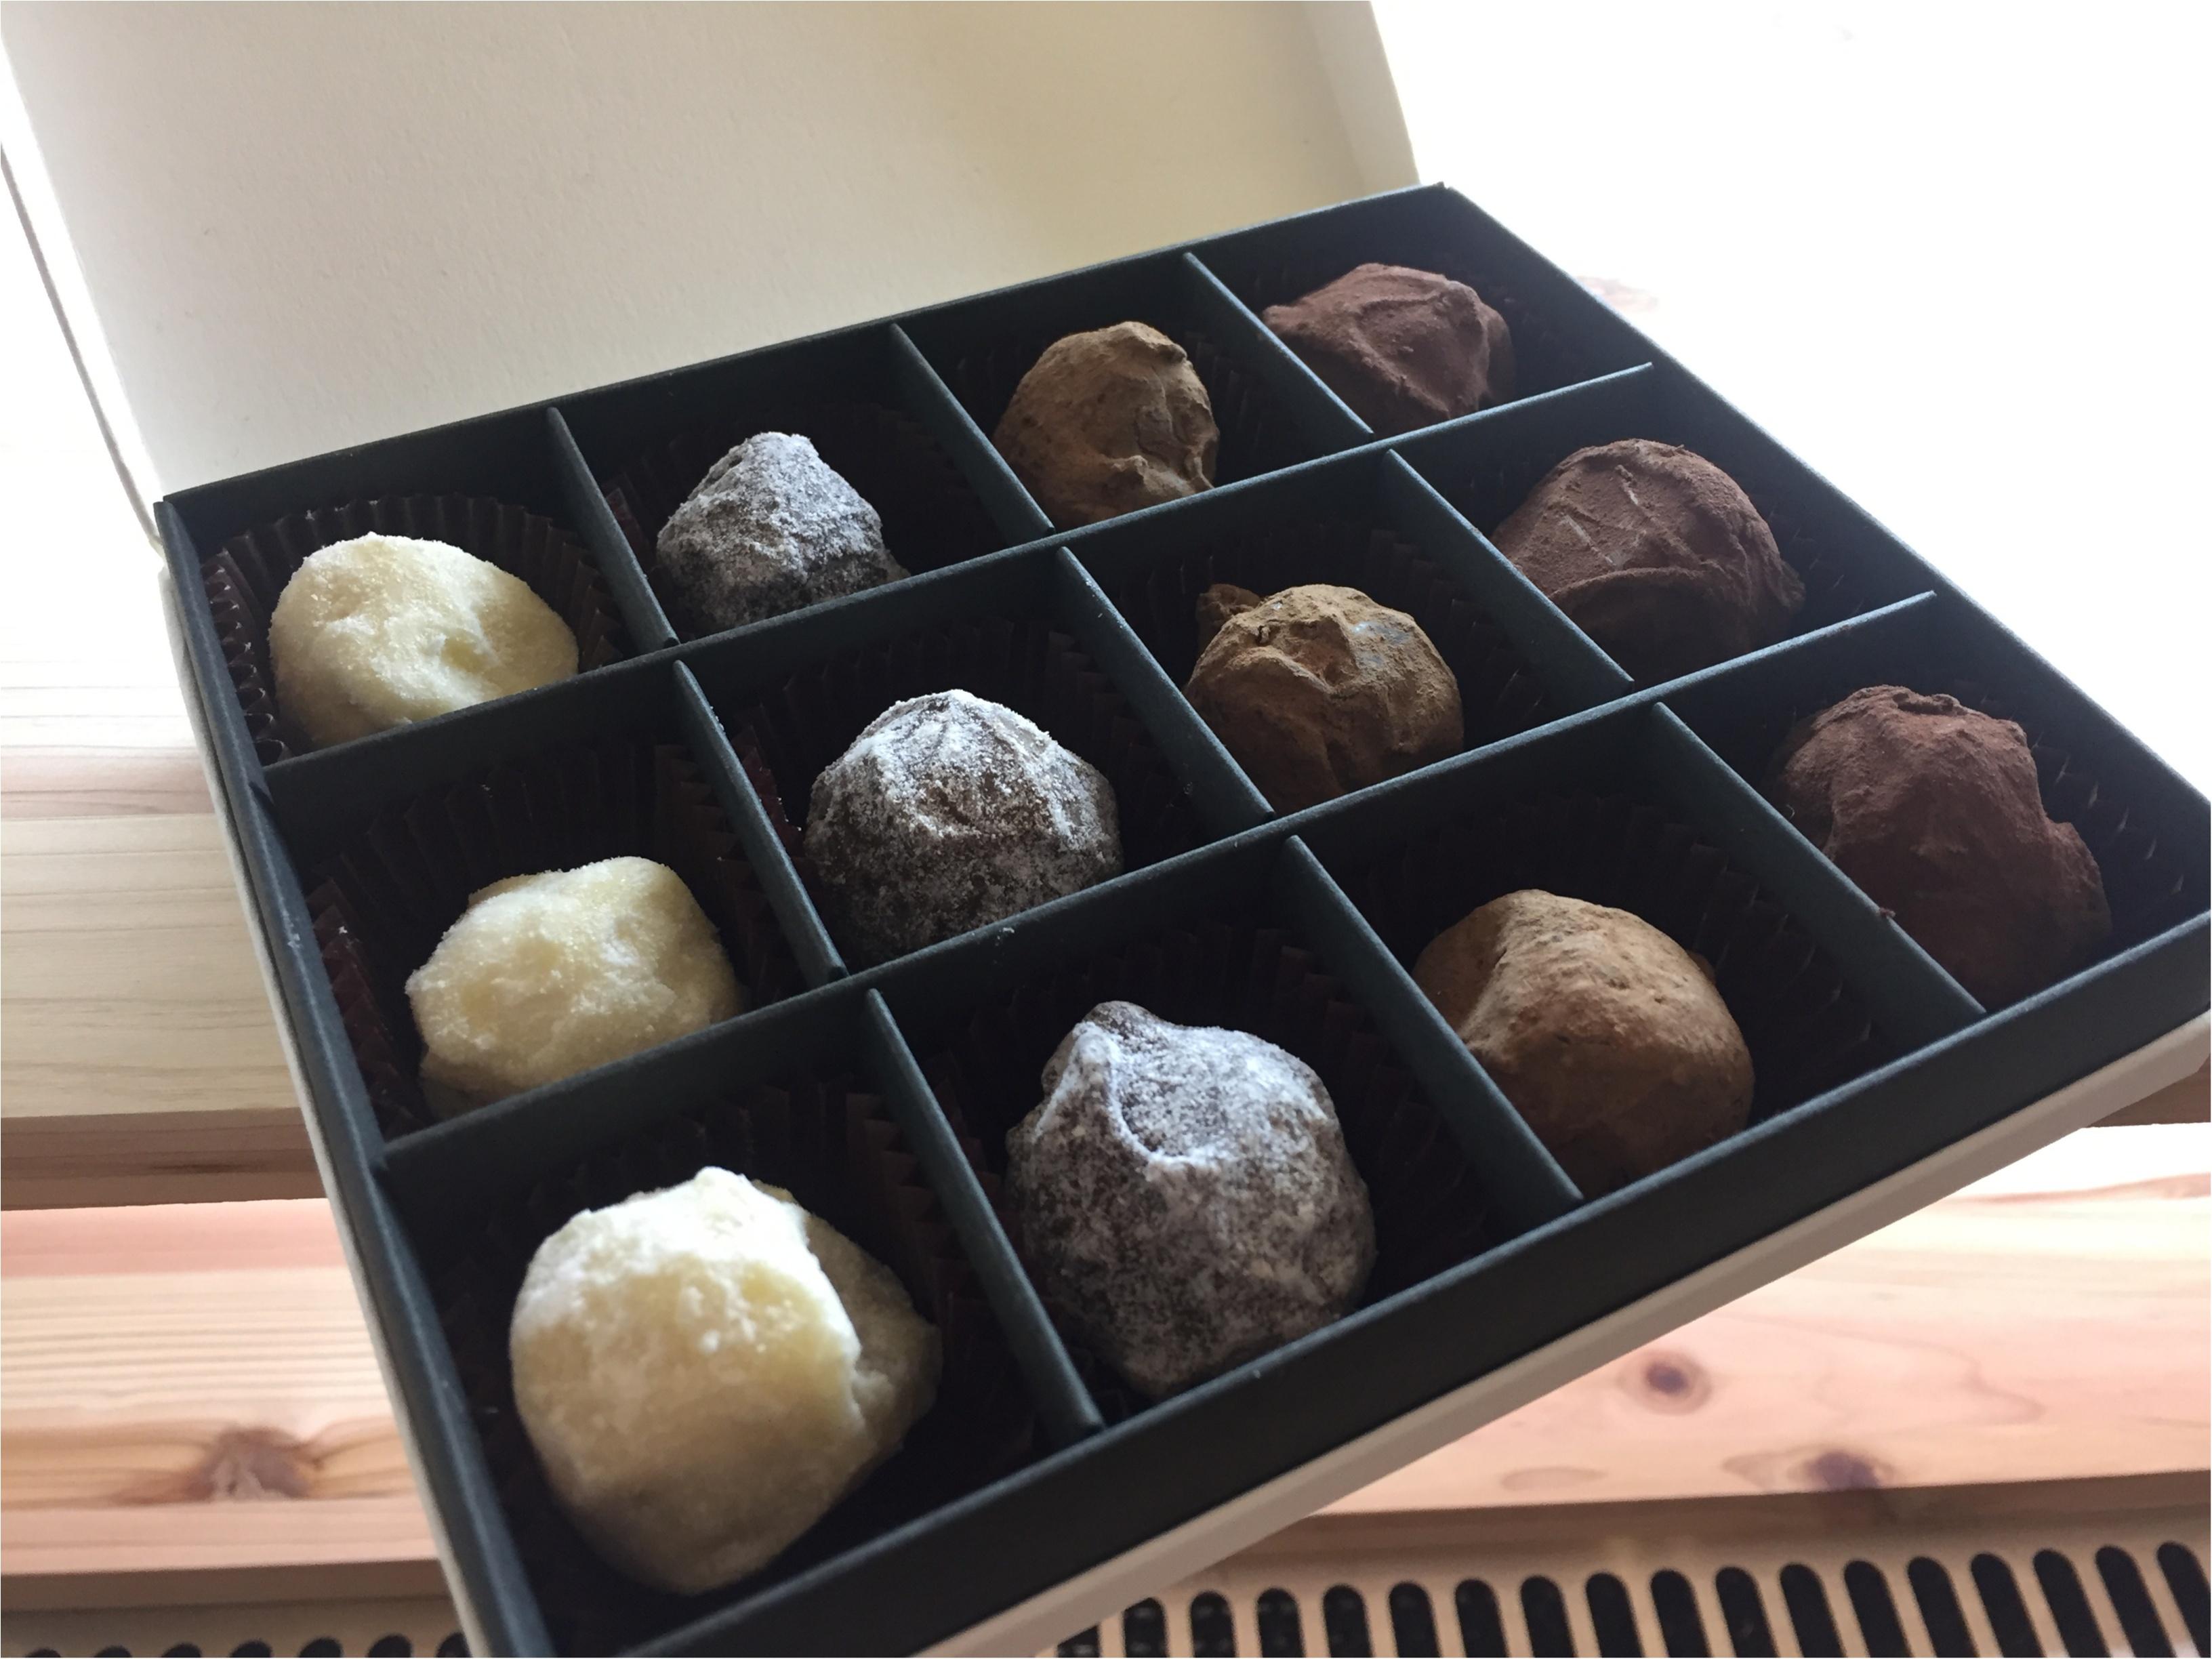 【FOOD】今年の本命チョコはこれ!知る人ぞ知る、幻のチョコレート♥︎「YVAN」_4